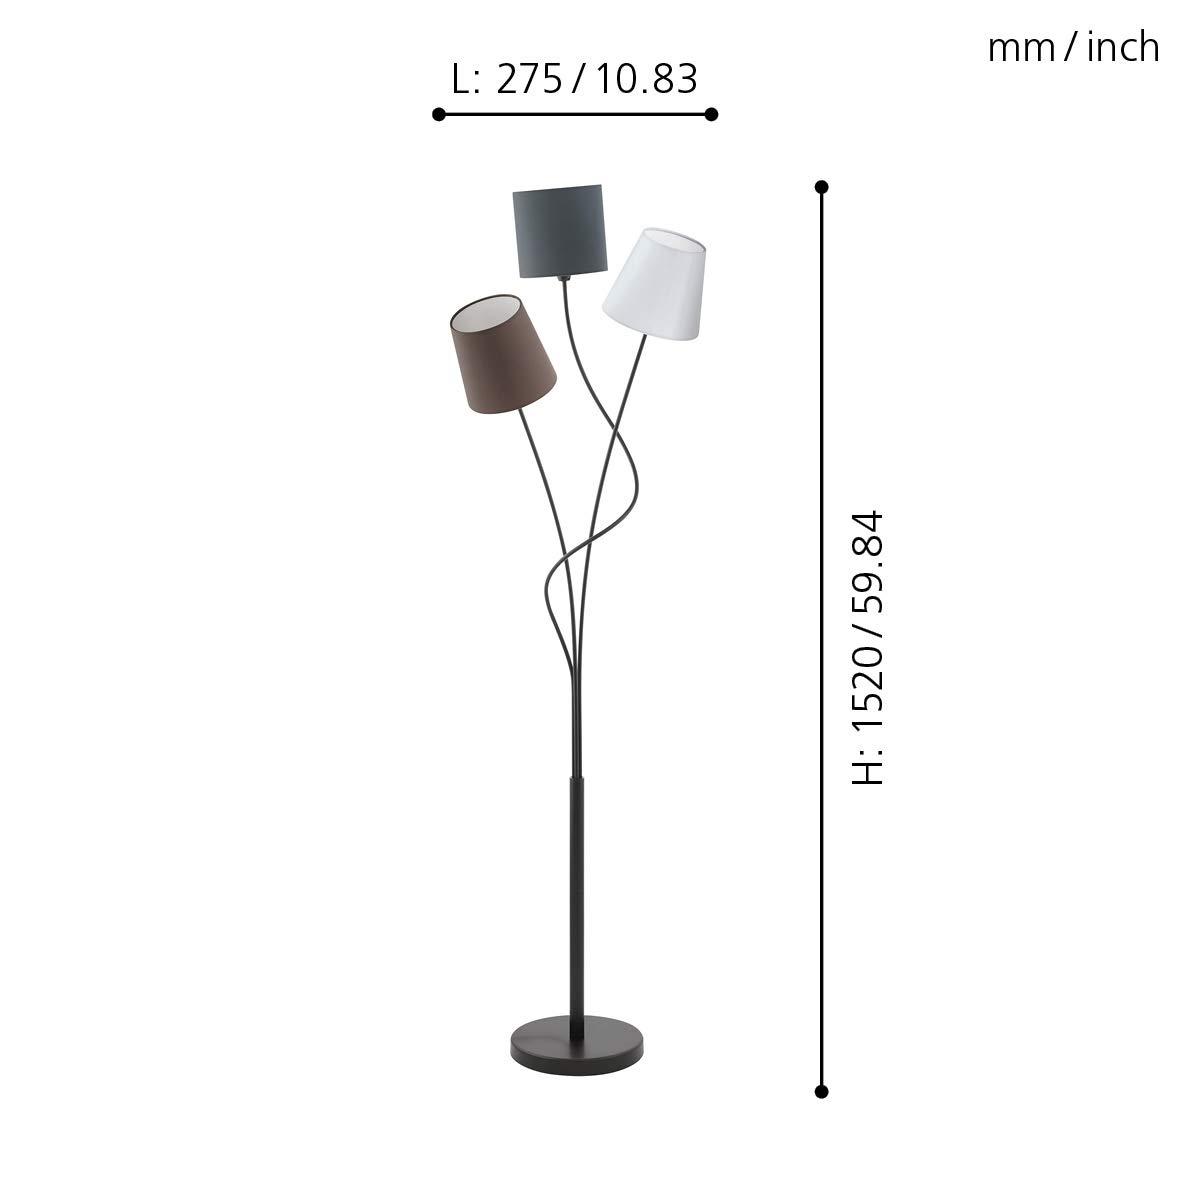 Moderne Design Stehlampe Fur Das Wohnzimmer 163x40x35cm Kare